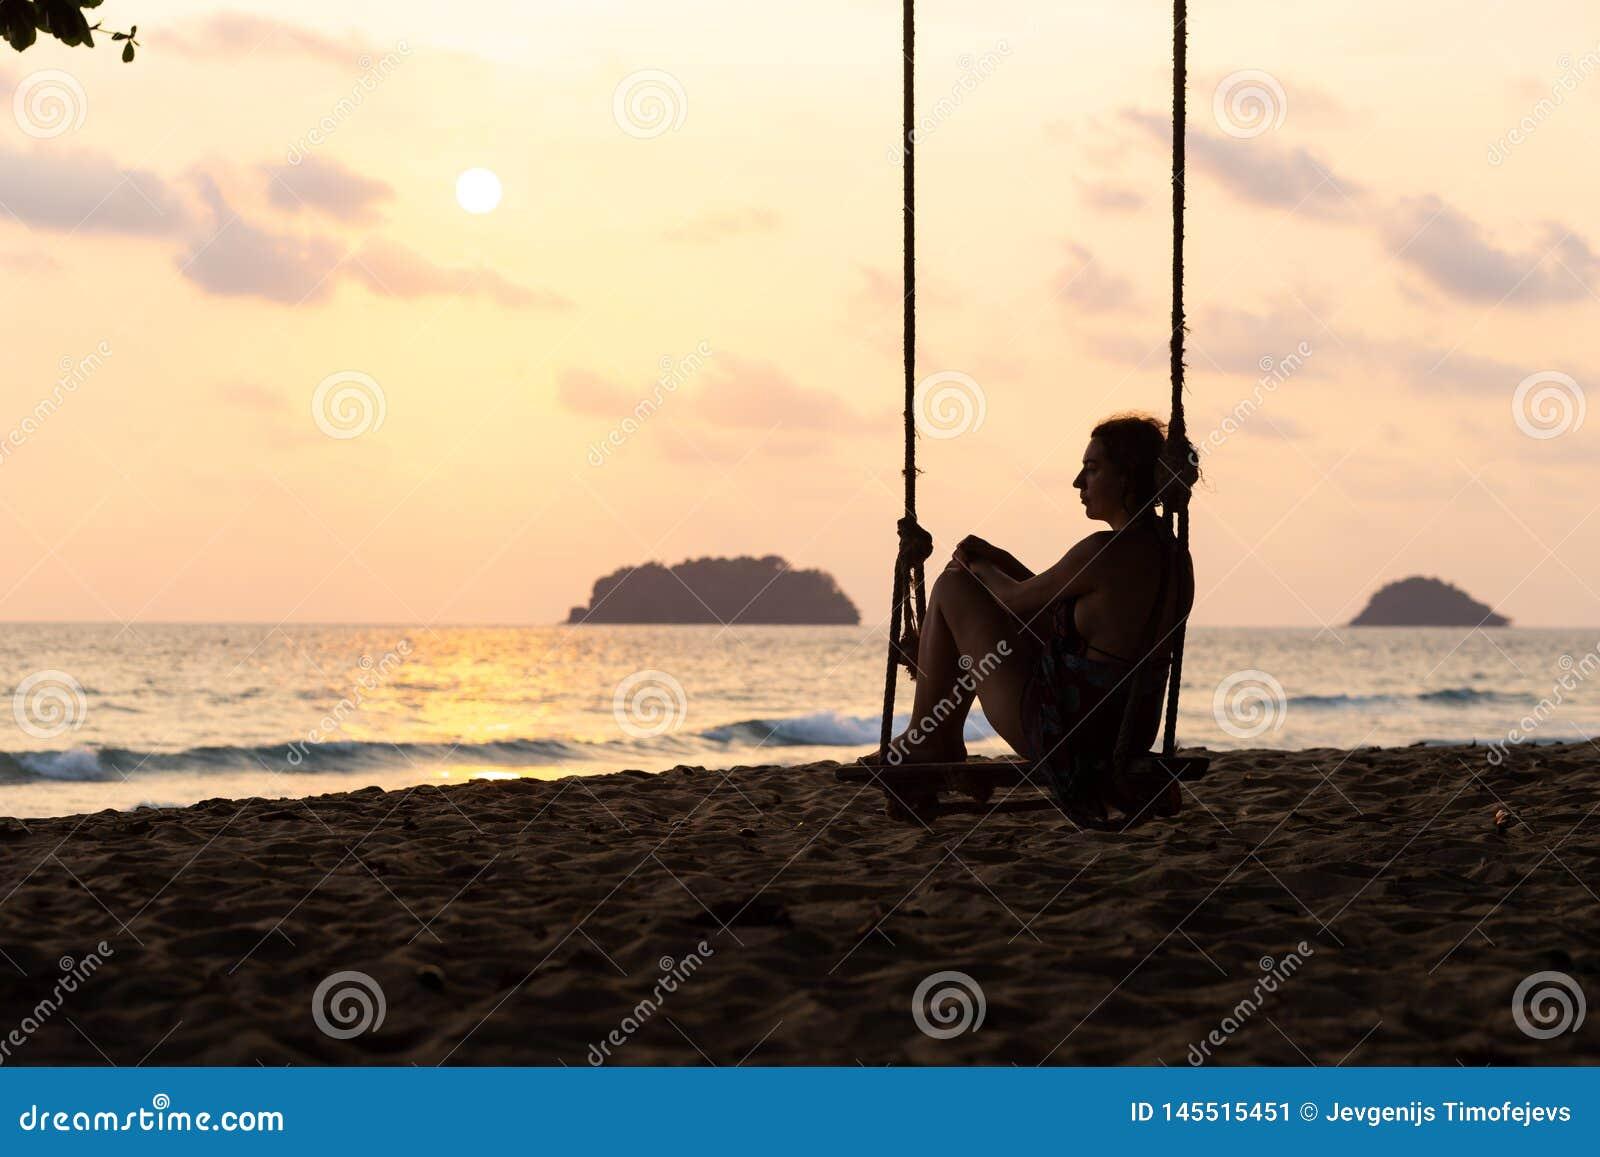 Foto del blog del viaje: Silueta de una mujer en un vestido durante puesta del sol con una visi?n sobre el mar con un peque?o isa